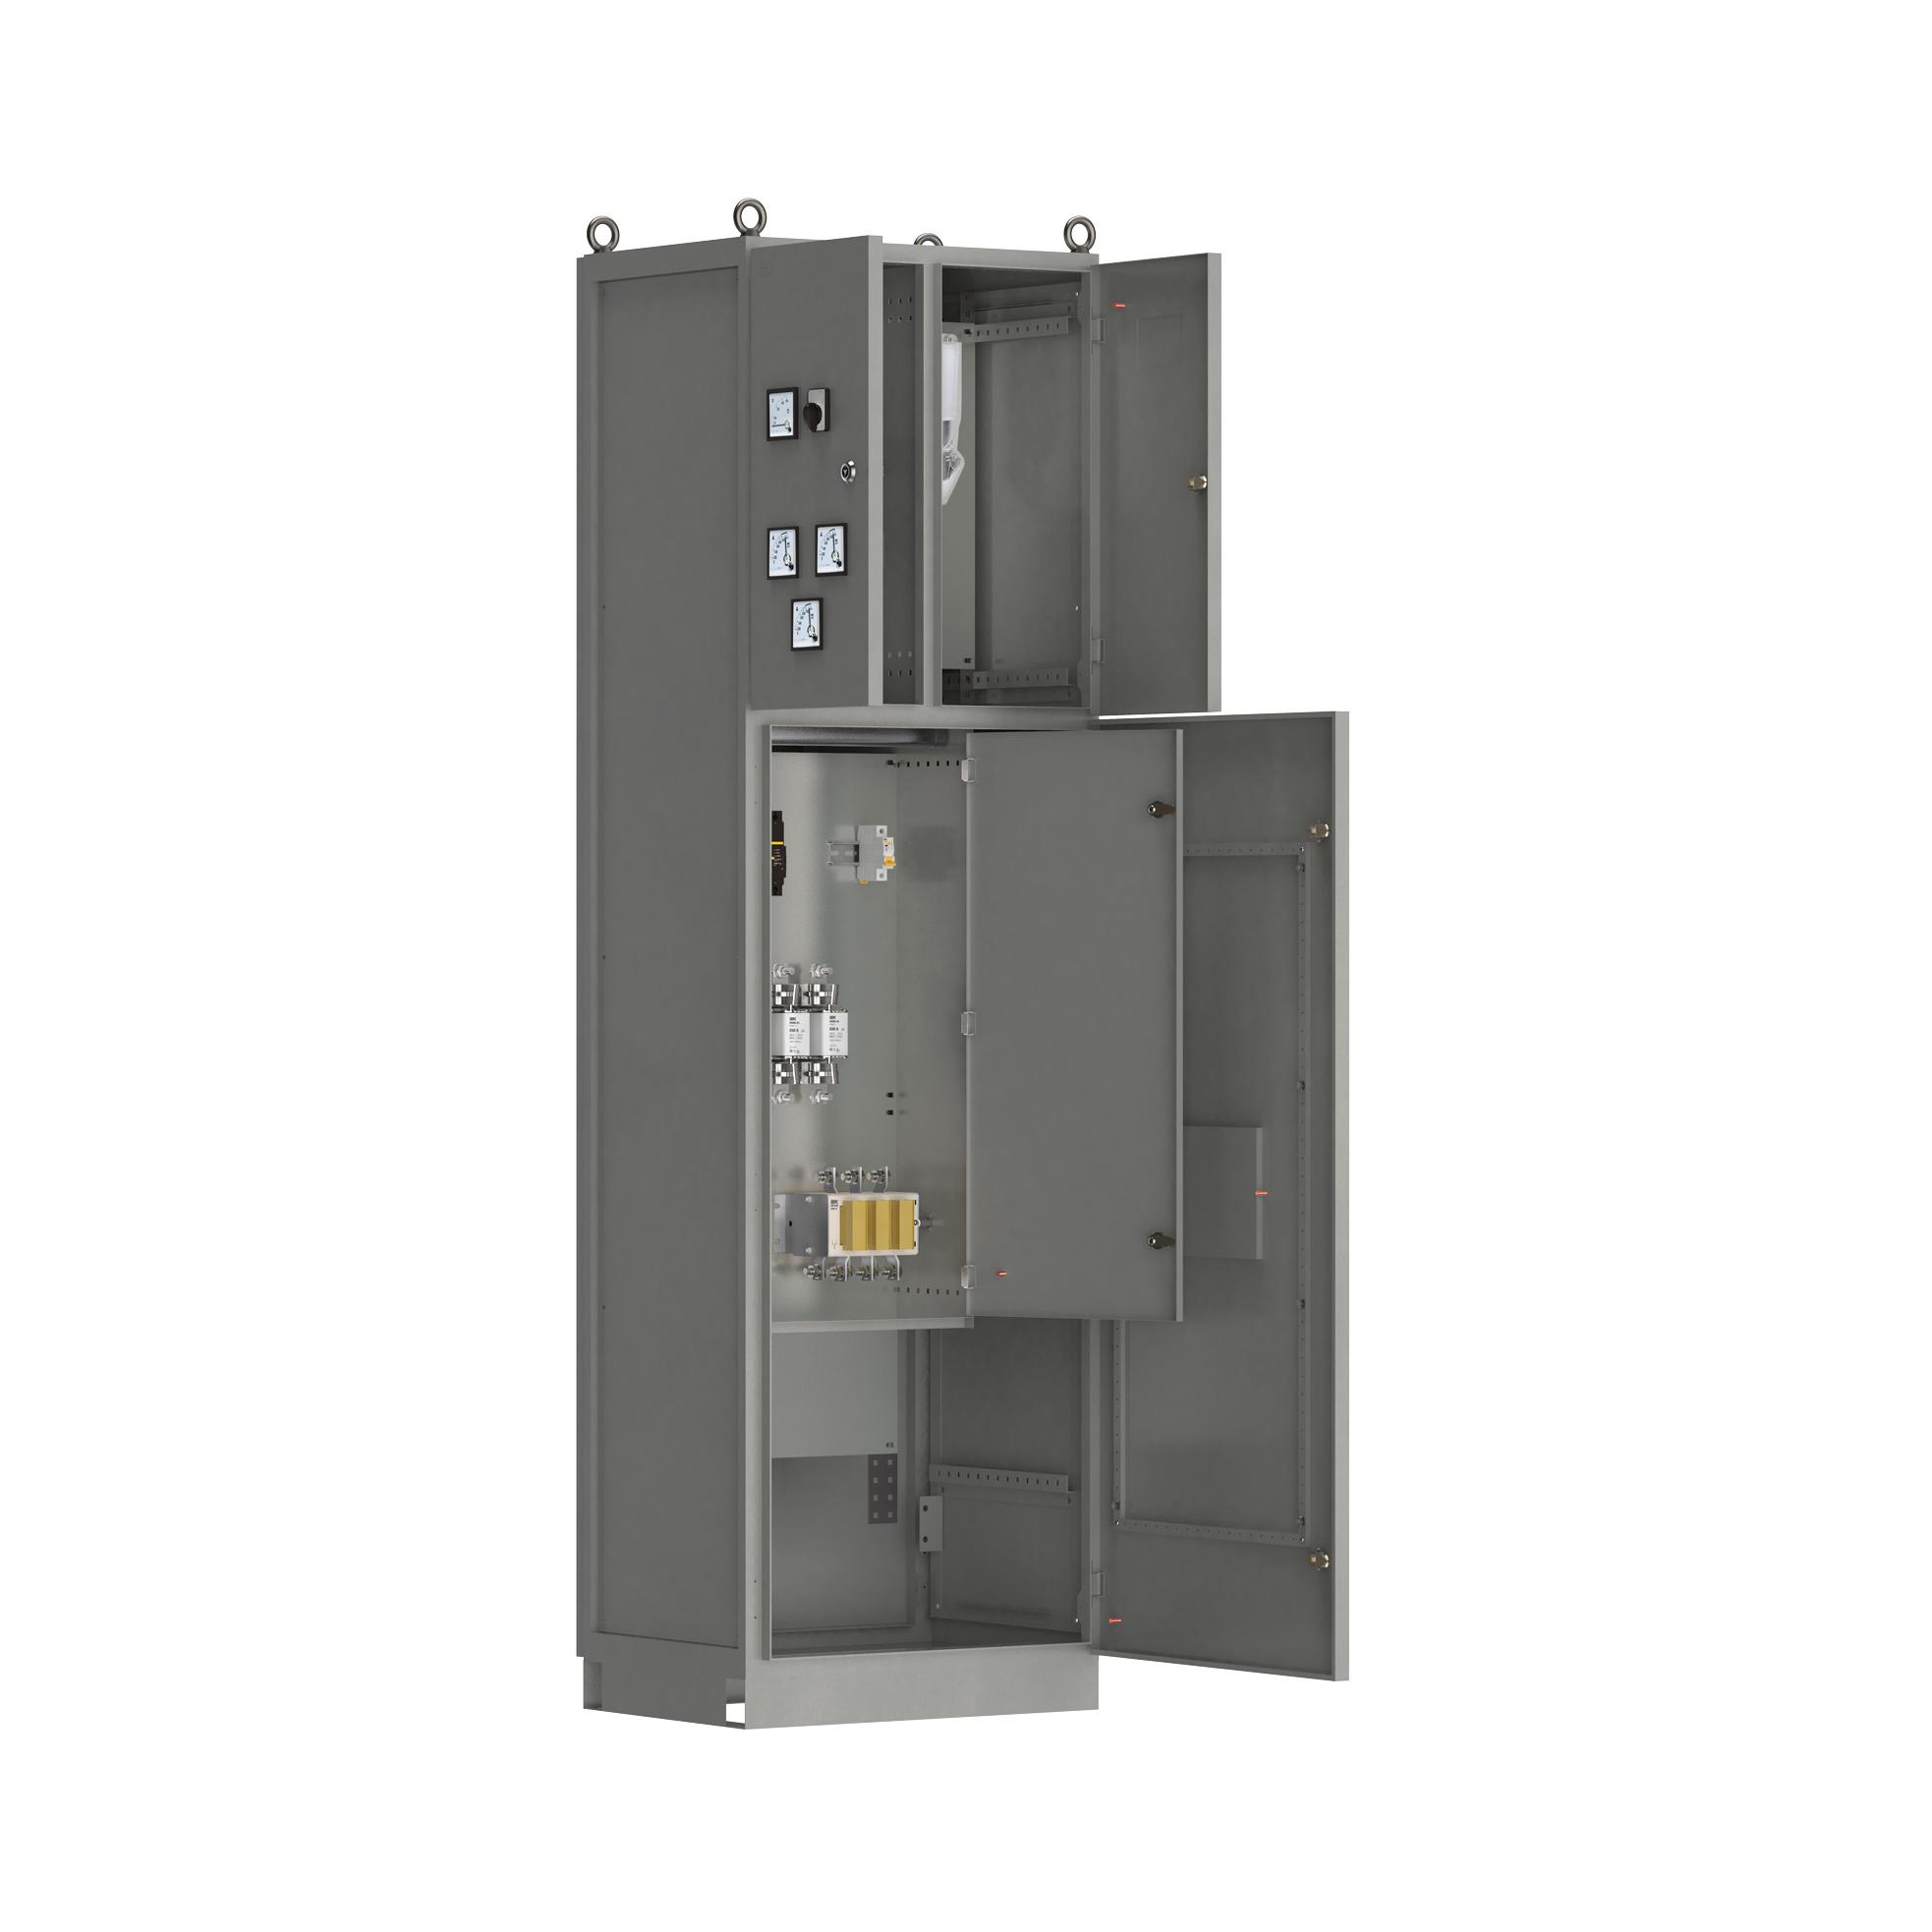 Панель вводная ВРУ-8505 МУ 4ВП-2-25-0-30 рубильник 1х250А выключатели автоматические 3Р 1х160А 1Р 1х6А плавкие вставки 3х250А и учет IEK